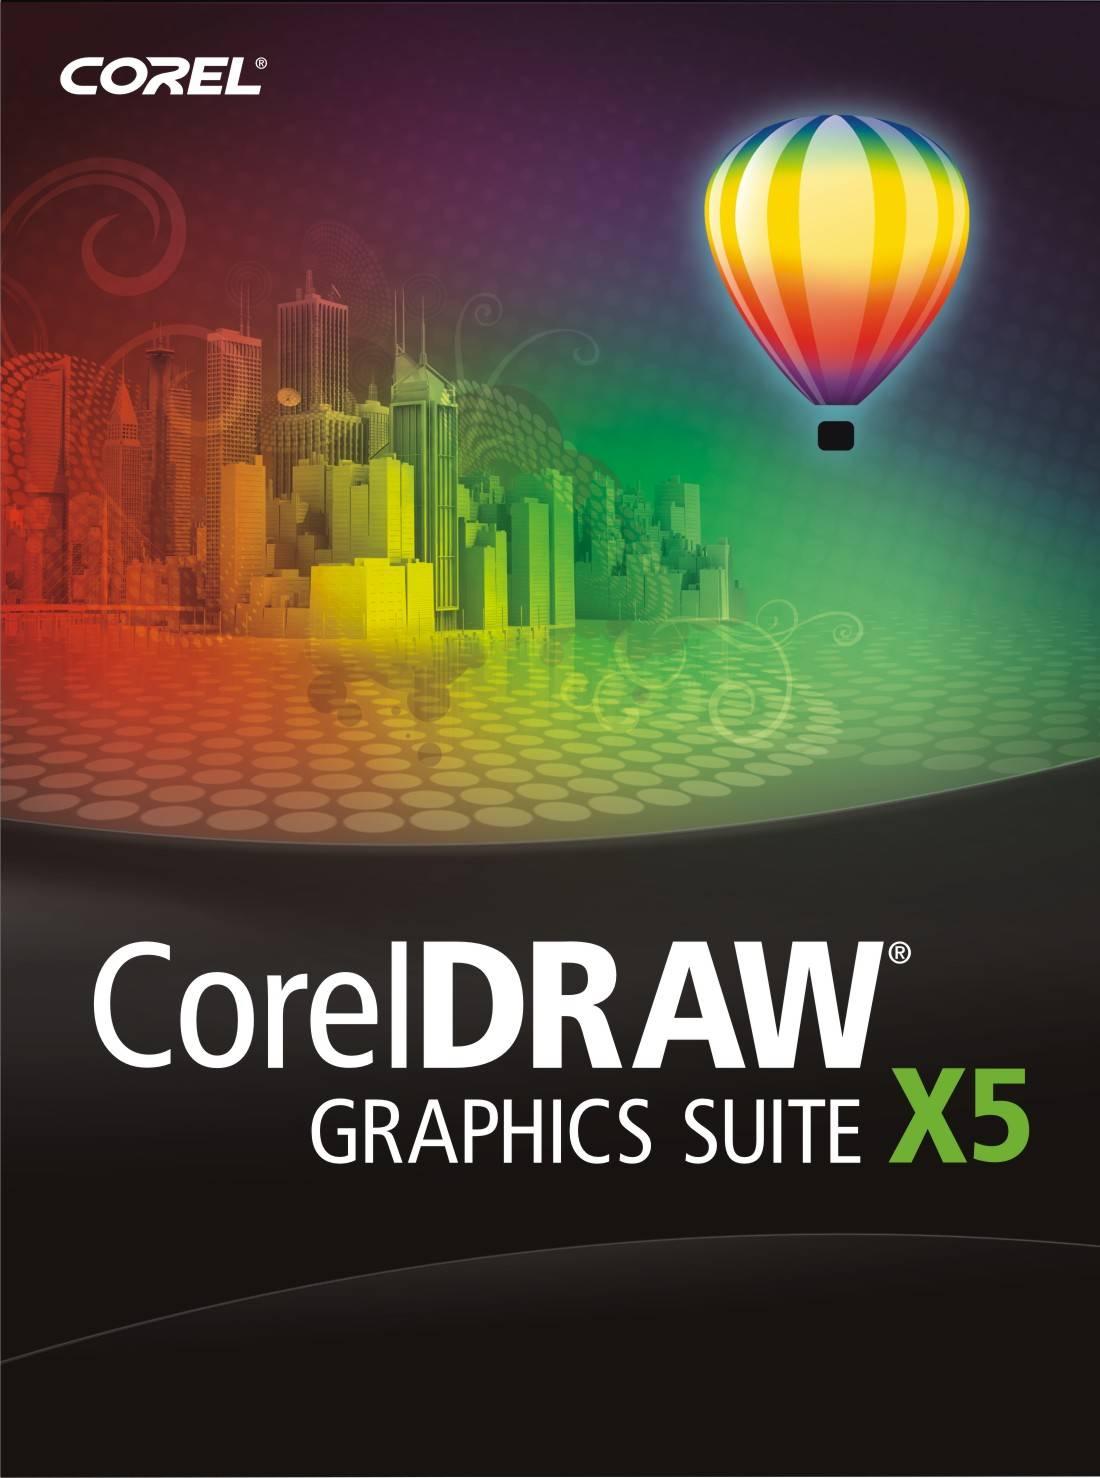 Các thao tác thường dùng trong CorelDRAW X5